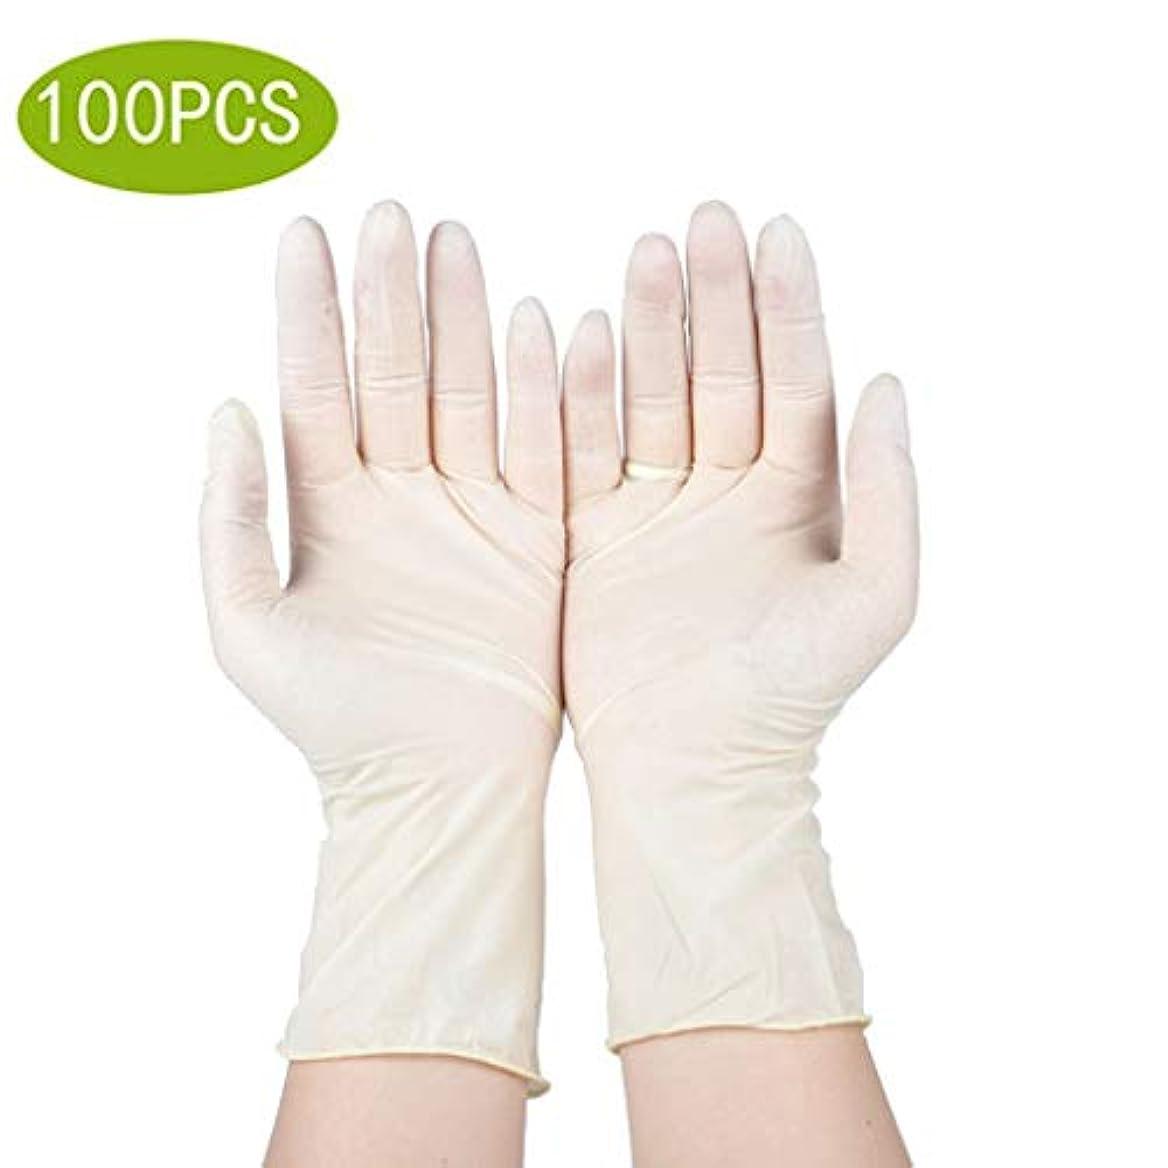 リビジョン忙しいコメントニトリル手袋義務使い捨てビニール手袋、100カウント、特大 - パウダーフリー、両性、極度の快適さ、特別に強く、丈夫で伸縮性がある、医療、食品、マルチユース (Color : Latex Gloves, Size : M)